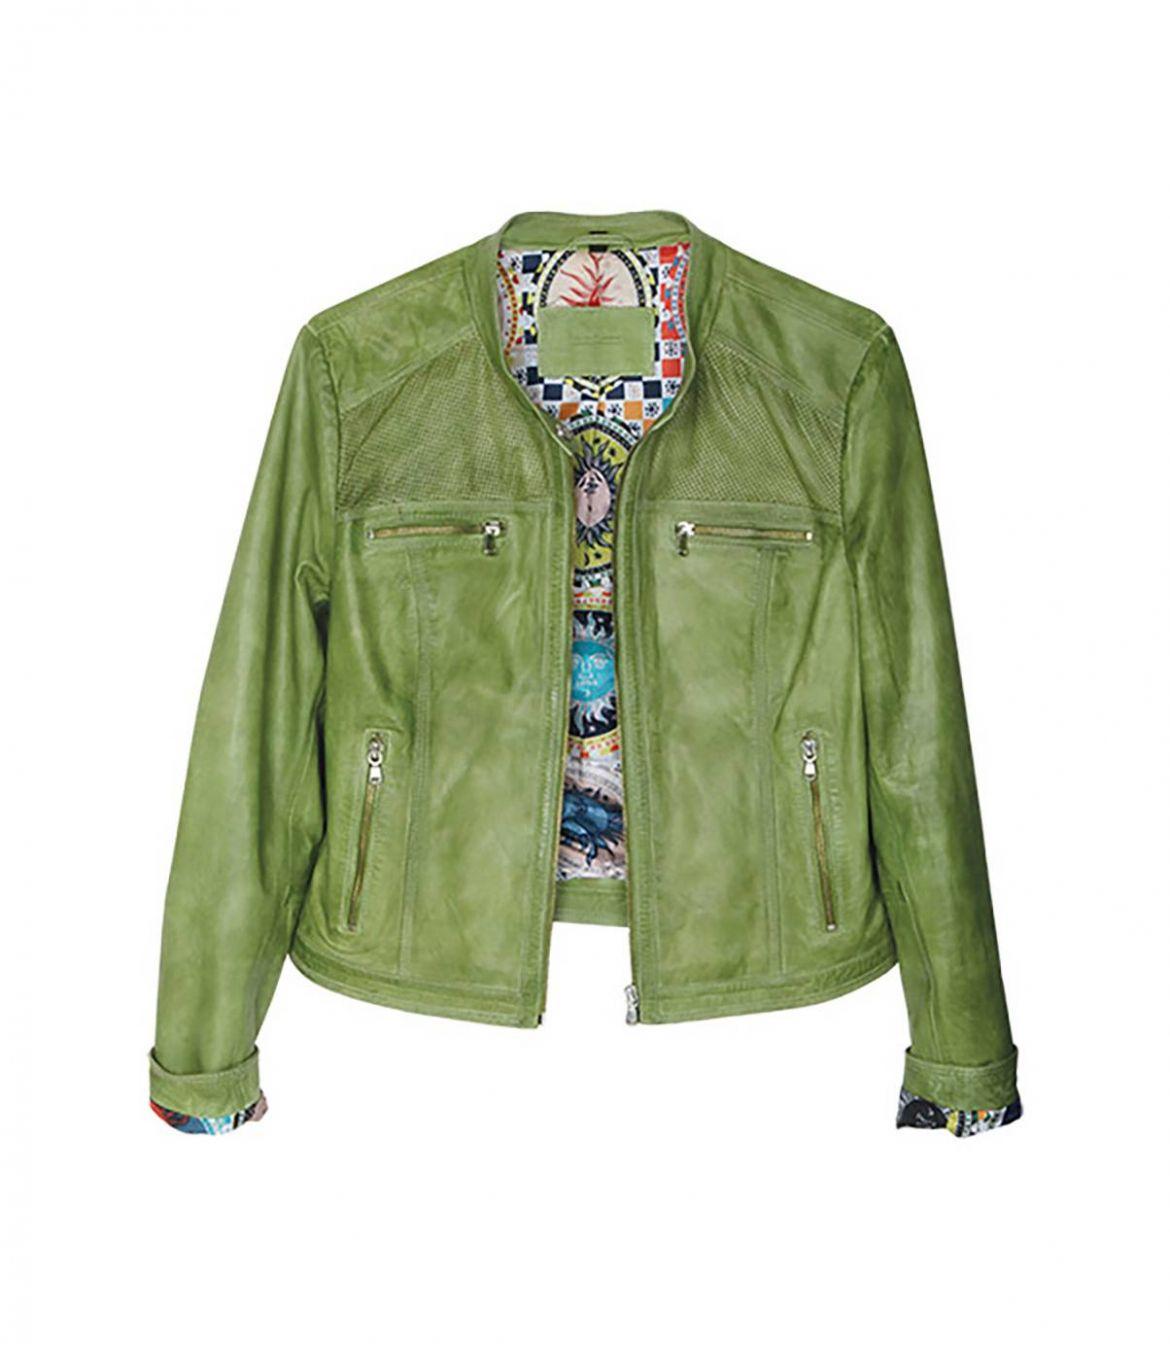 BERGAMOTE Women's Leather Jacket Storiatipic - 1